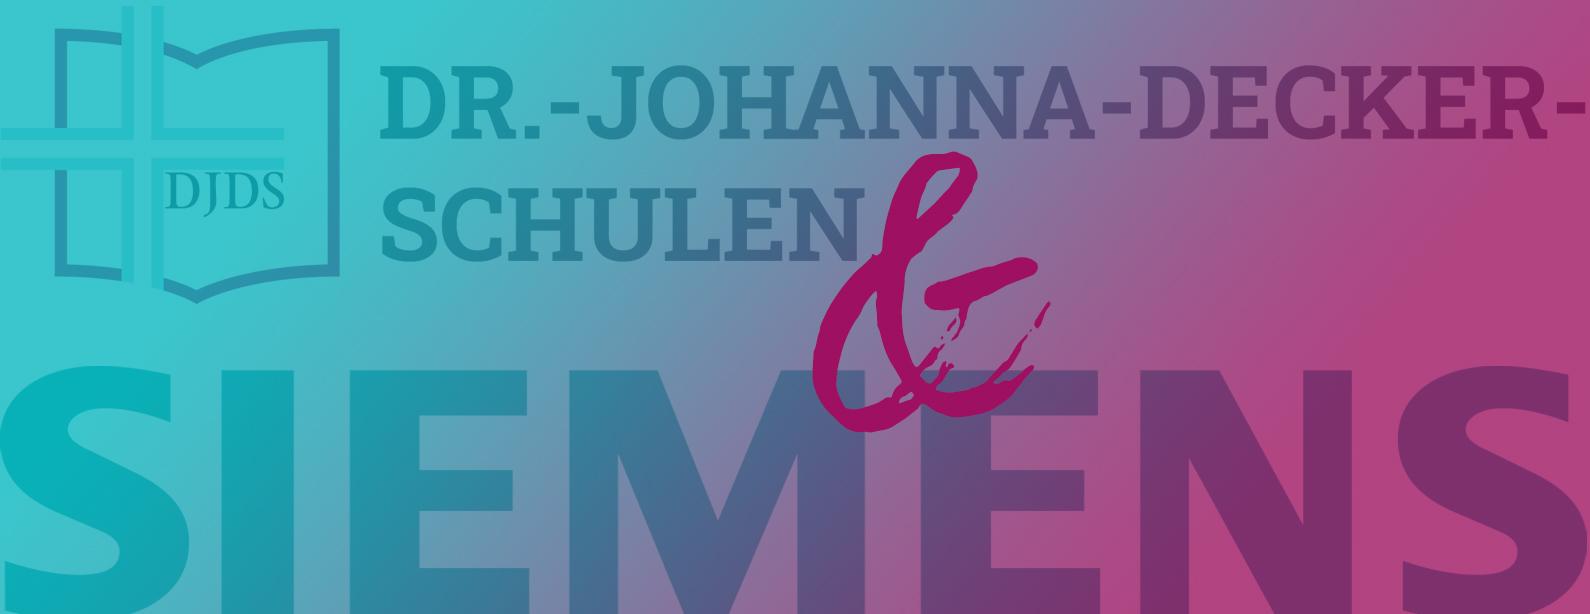 DJDS & SIEMENS: Partnerschulvereinbarung